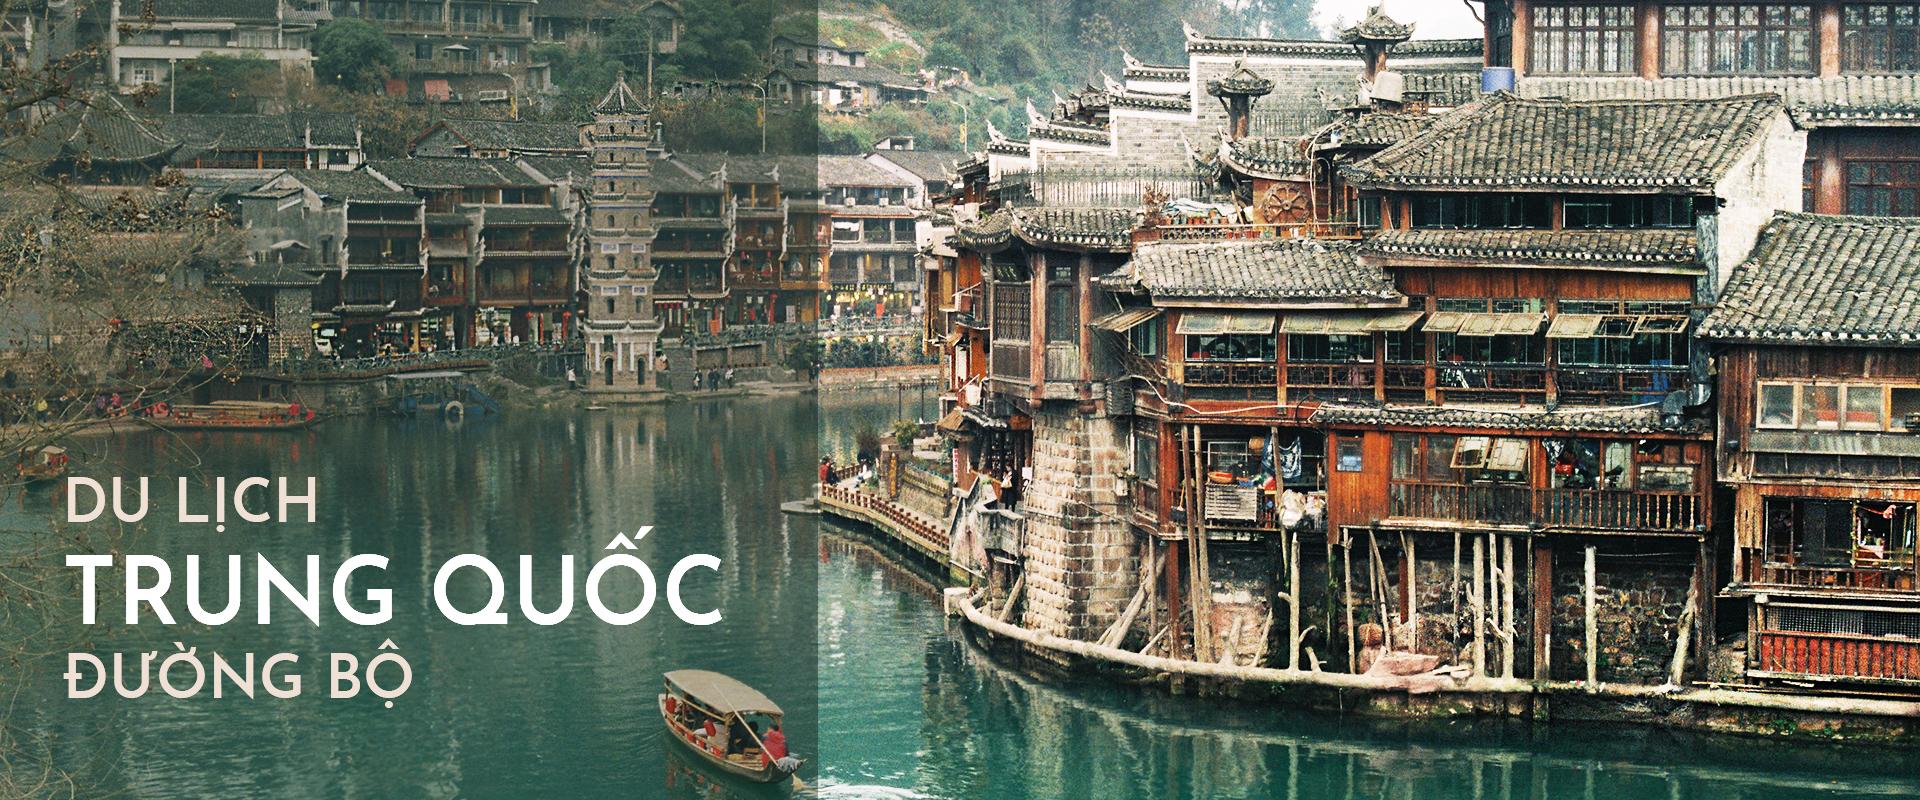 Tự đi du lịch Trung Quốc đường bộ với 4 điểm đến đẹp như tranh